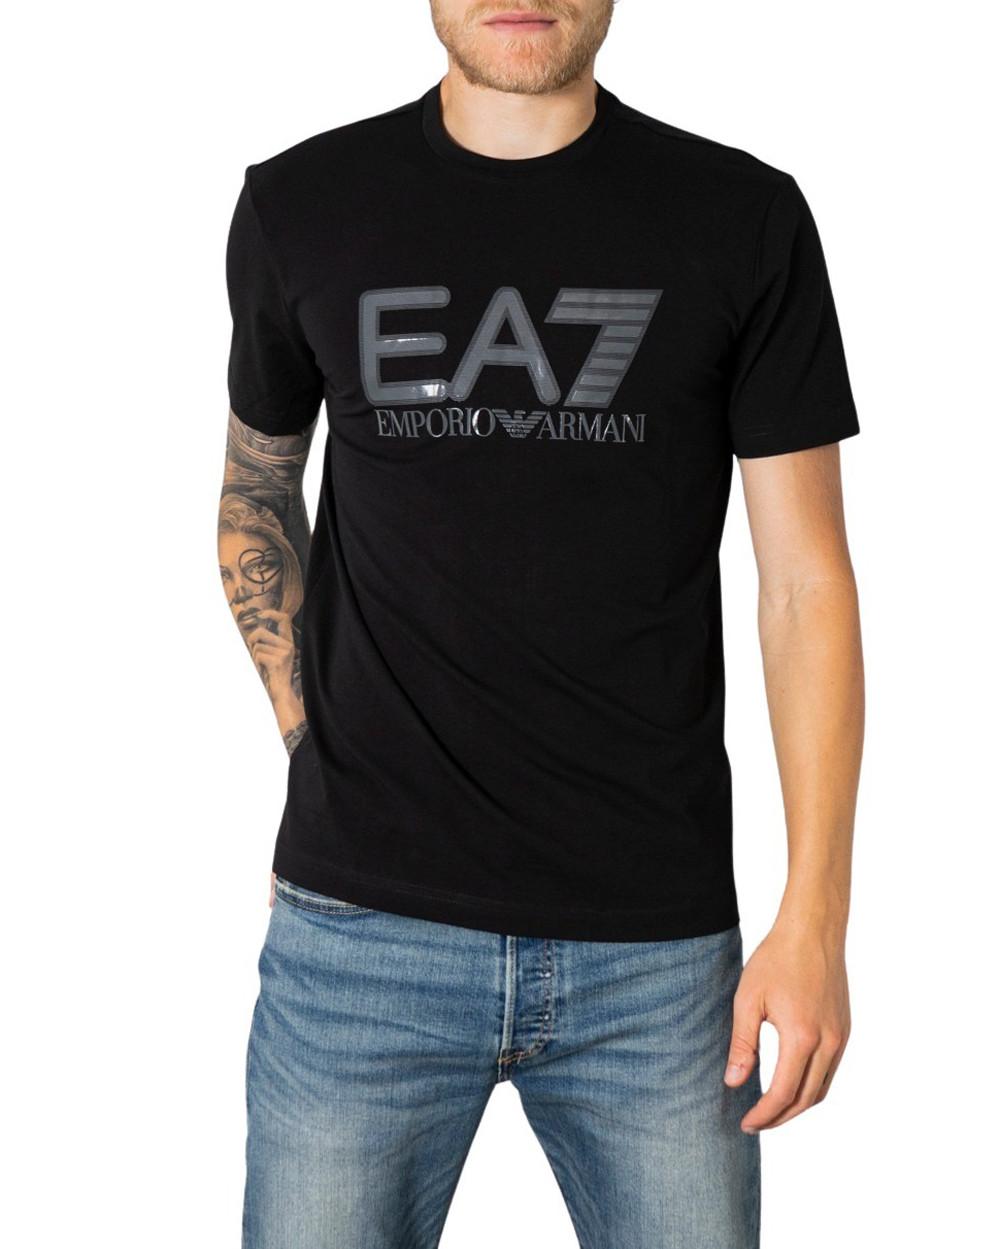 Ea7 T-Shirt Muži